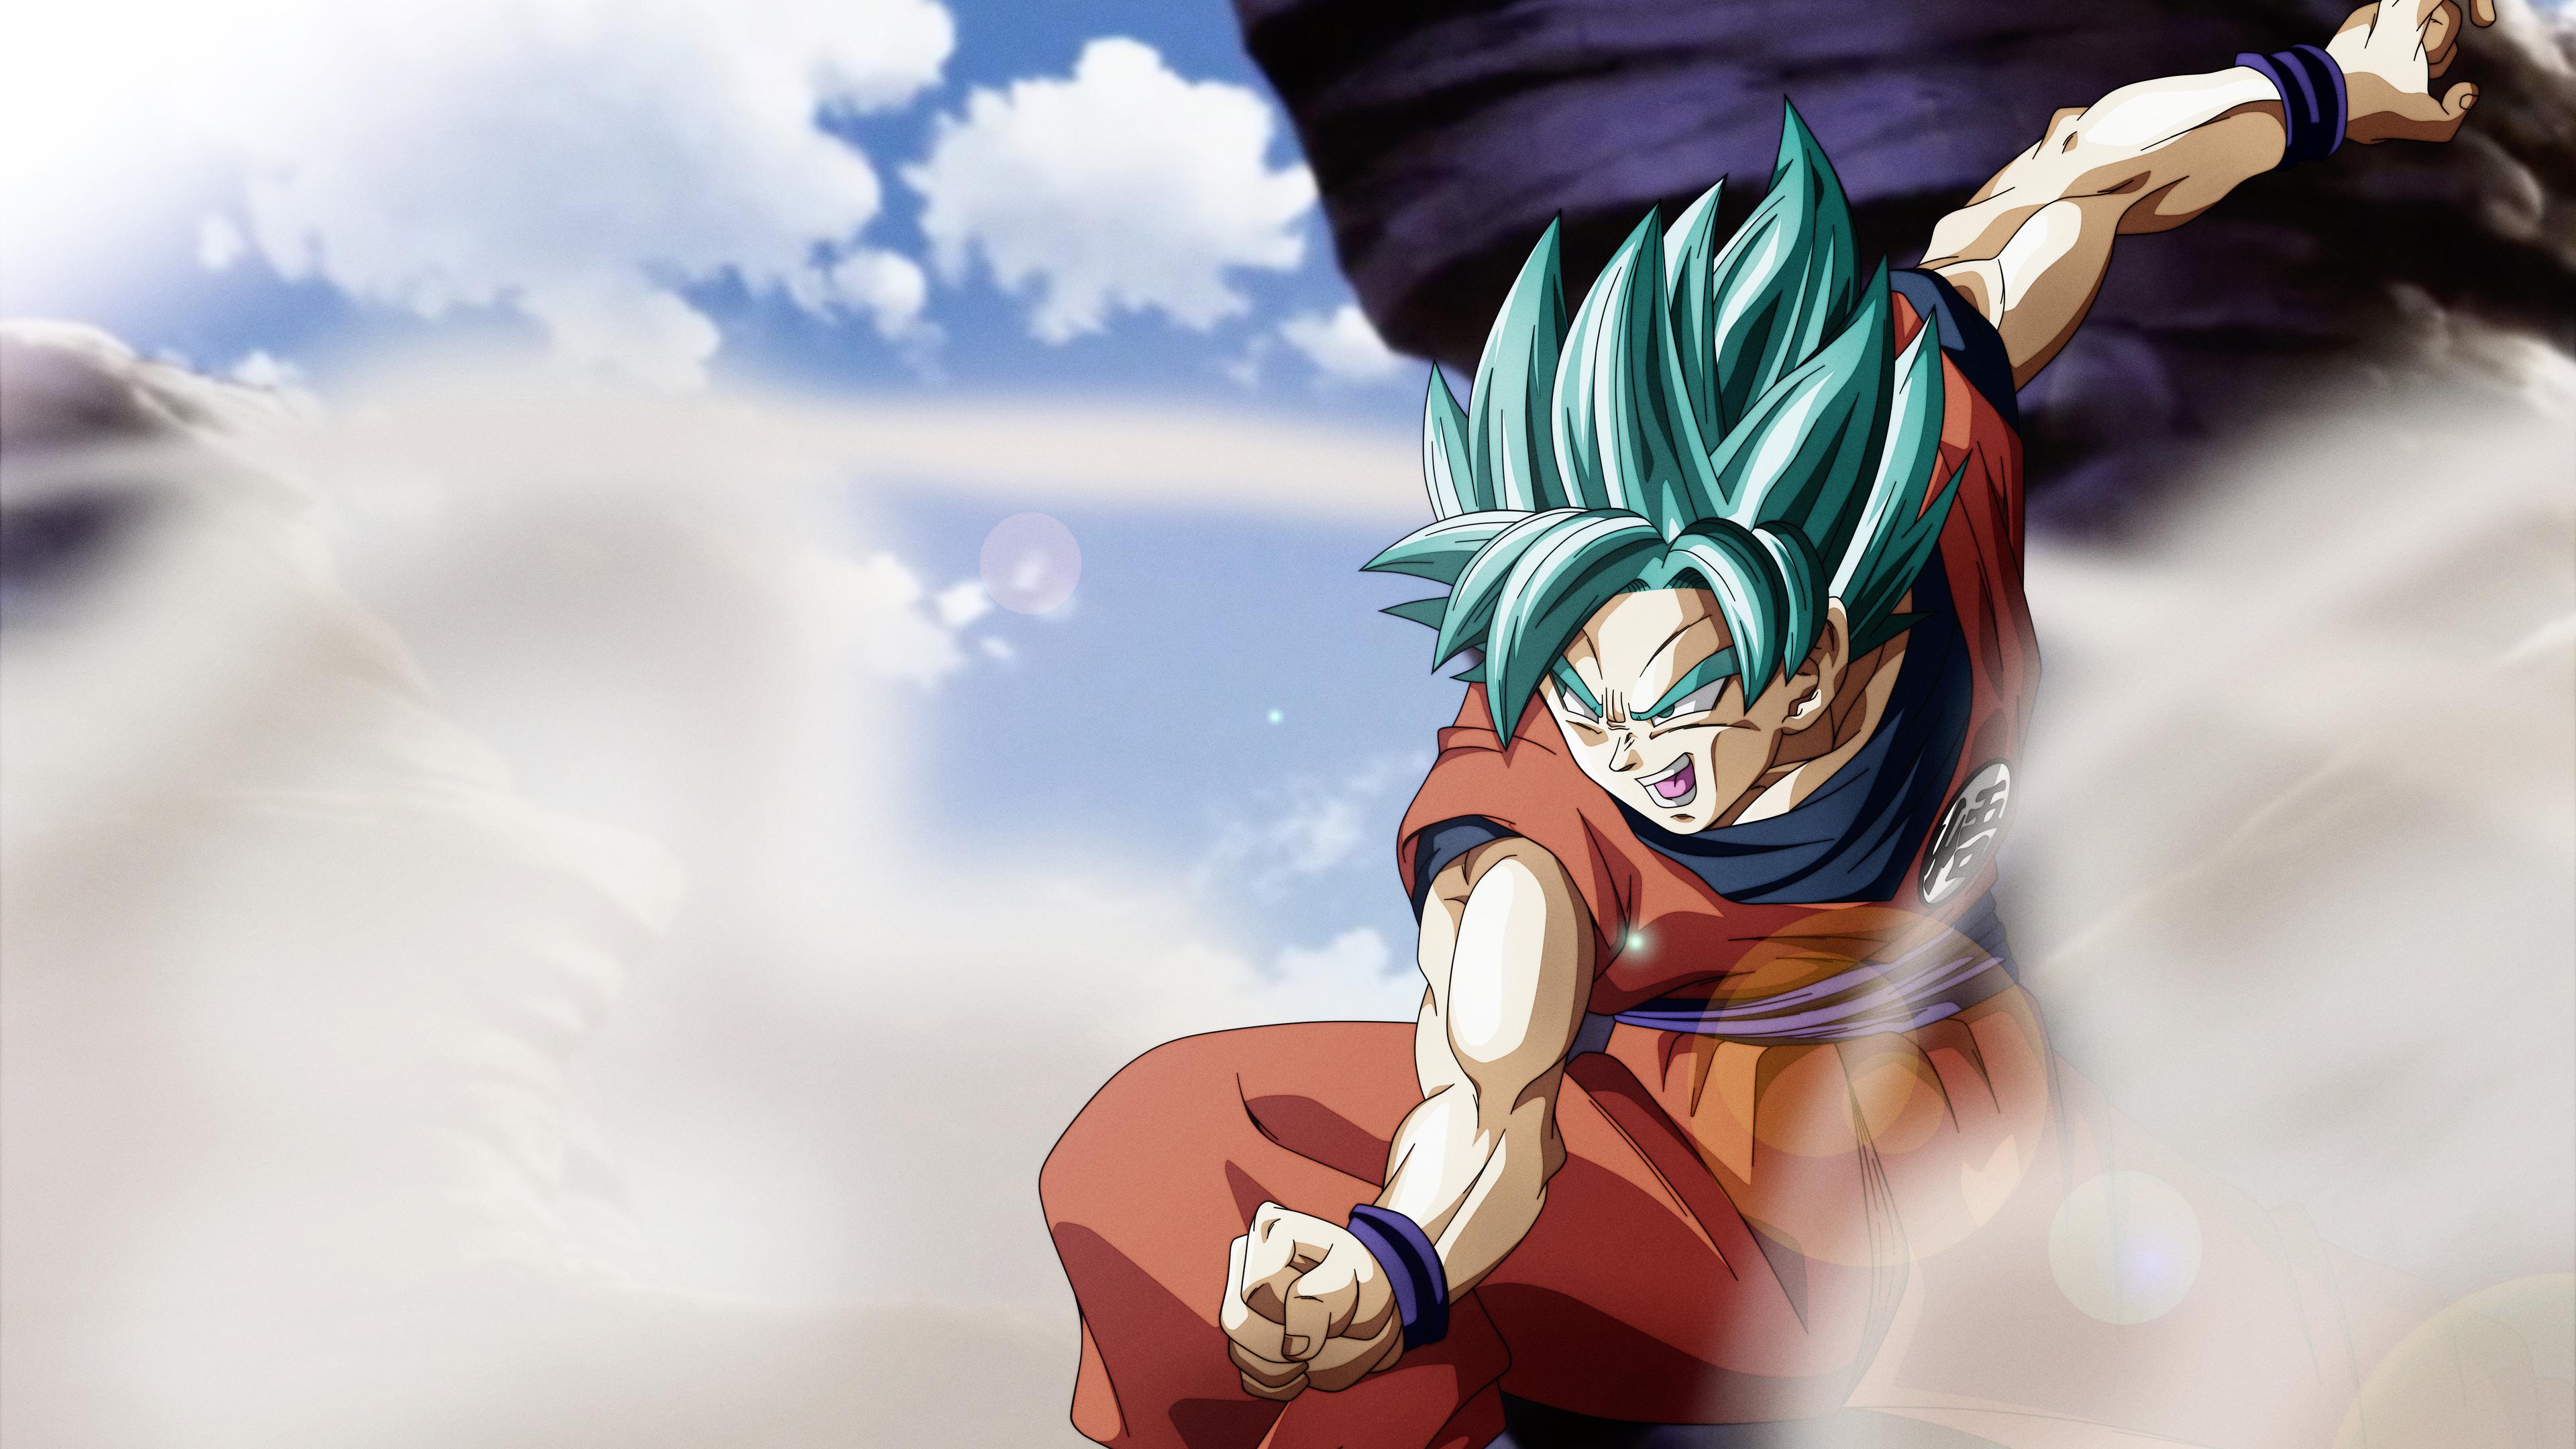 goku super saiyan blue 1541974367 - Goku Super Saiyan Blue - hd-wallpapers, goku wallpapers, dragon ball wallpapers, dragon ball super wallpapers, deviantart wallpapers, anime wallpapers, 4k-wallpapers